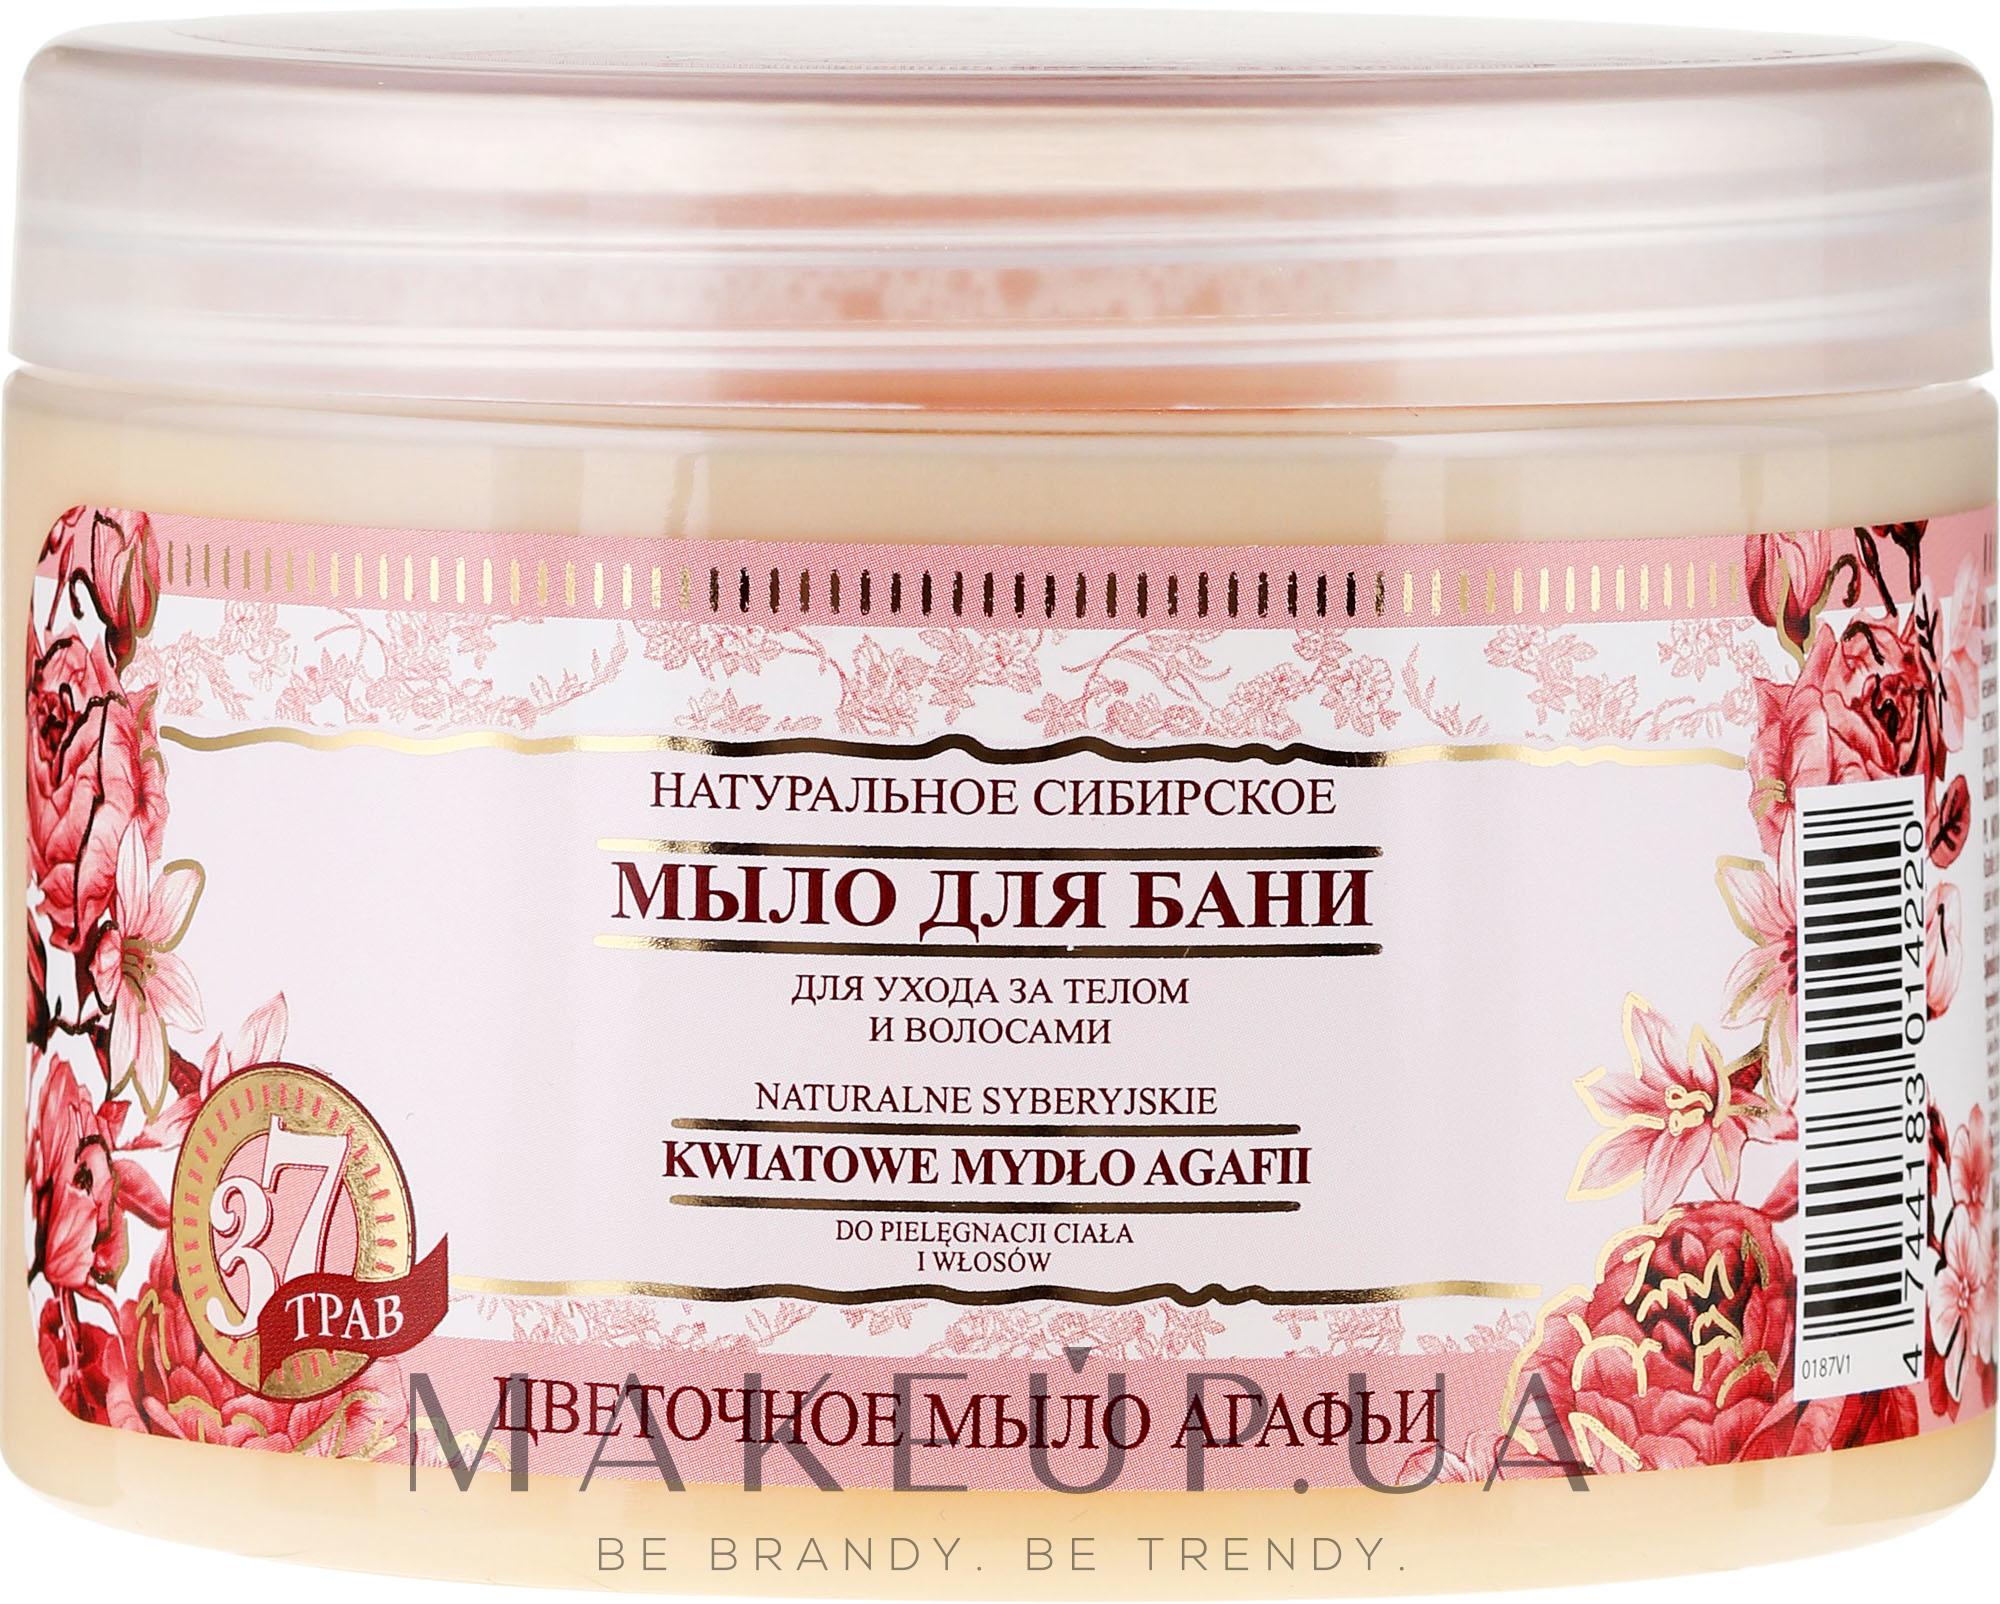 """Натуральное сибирское мыло для бани """"Цветочное мыло для бани"""" - Рецепты бабушки Агафьи — фото 500ml"""